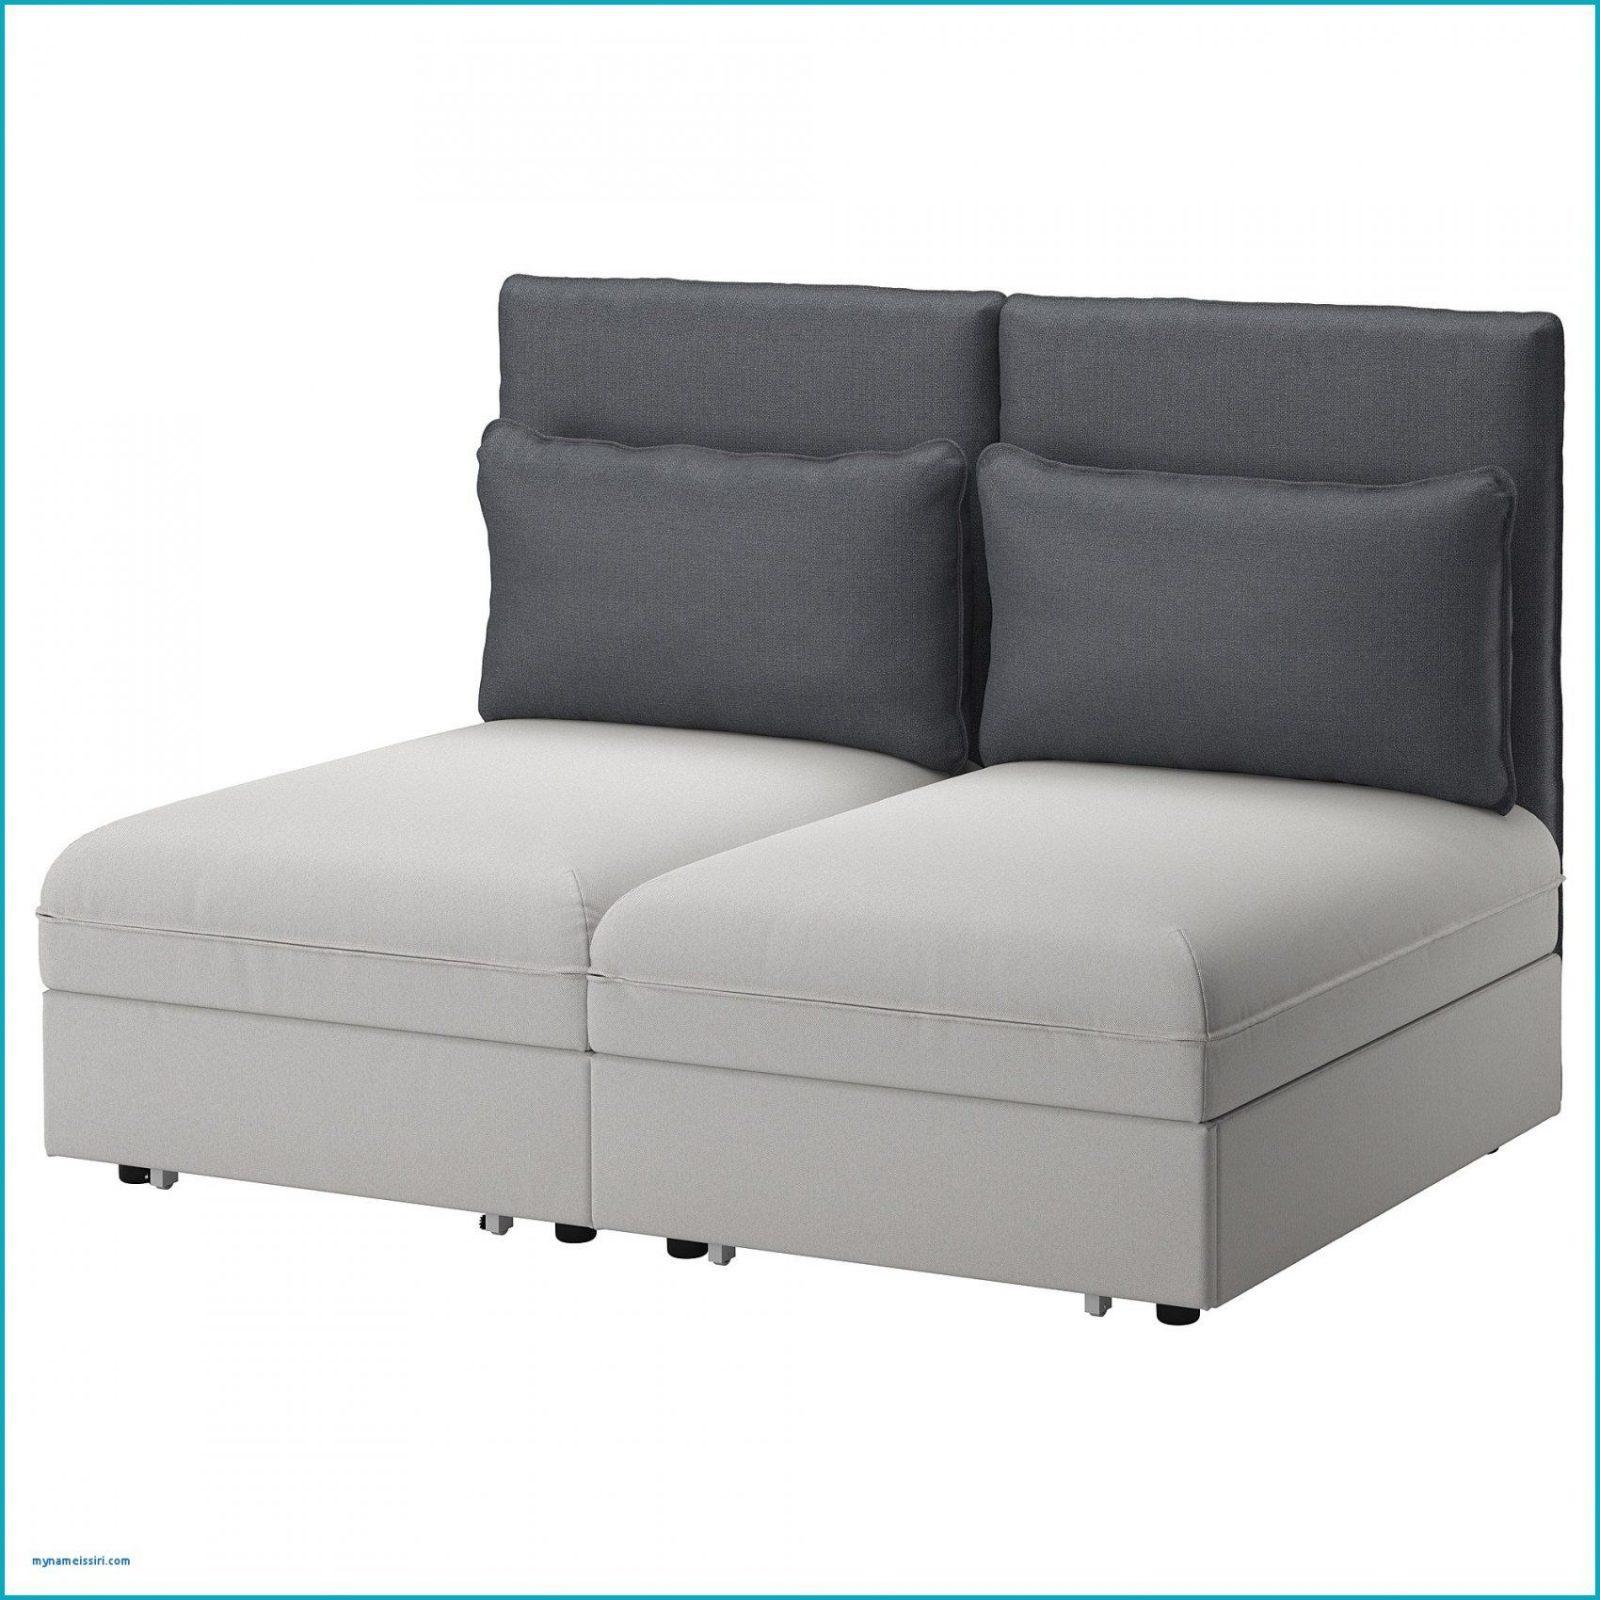 Sofa 140 Breit Ff3 Von Design Sofa Und Schlafsofas & Bettsofas von Schlafsofa 140 Breit Ikea Photo